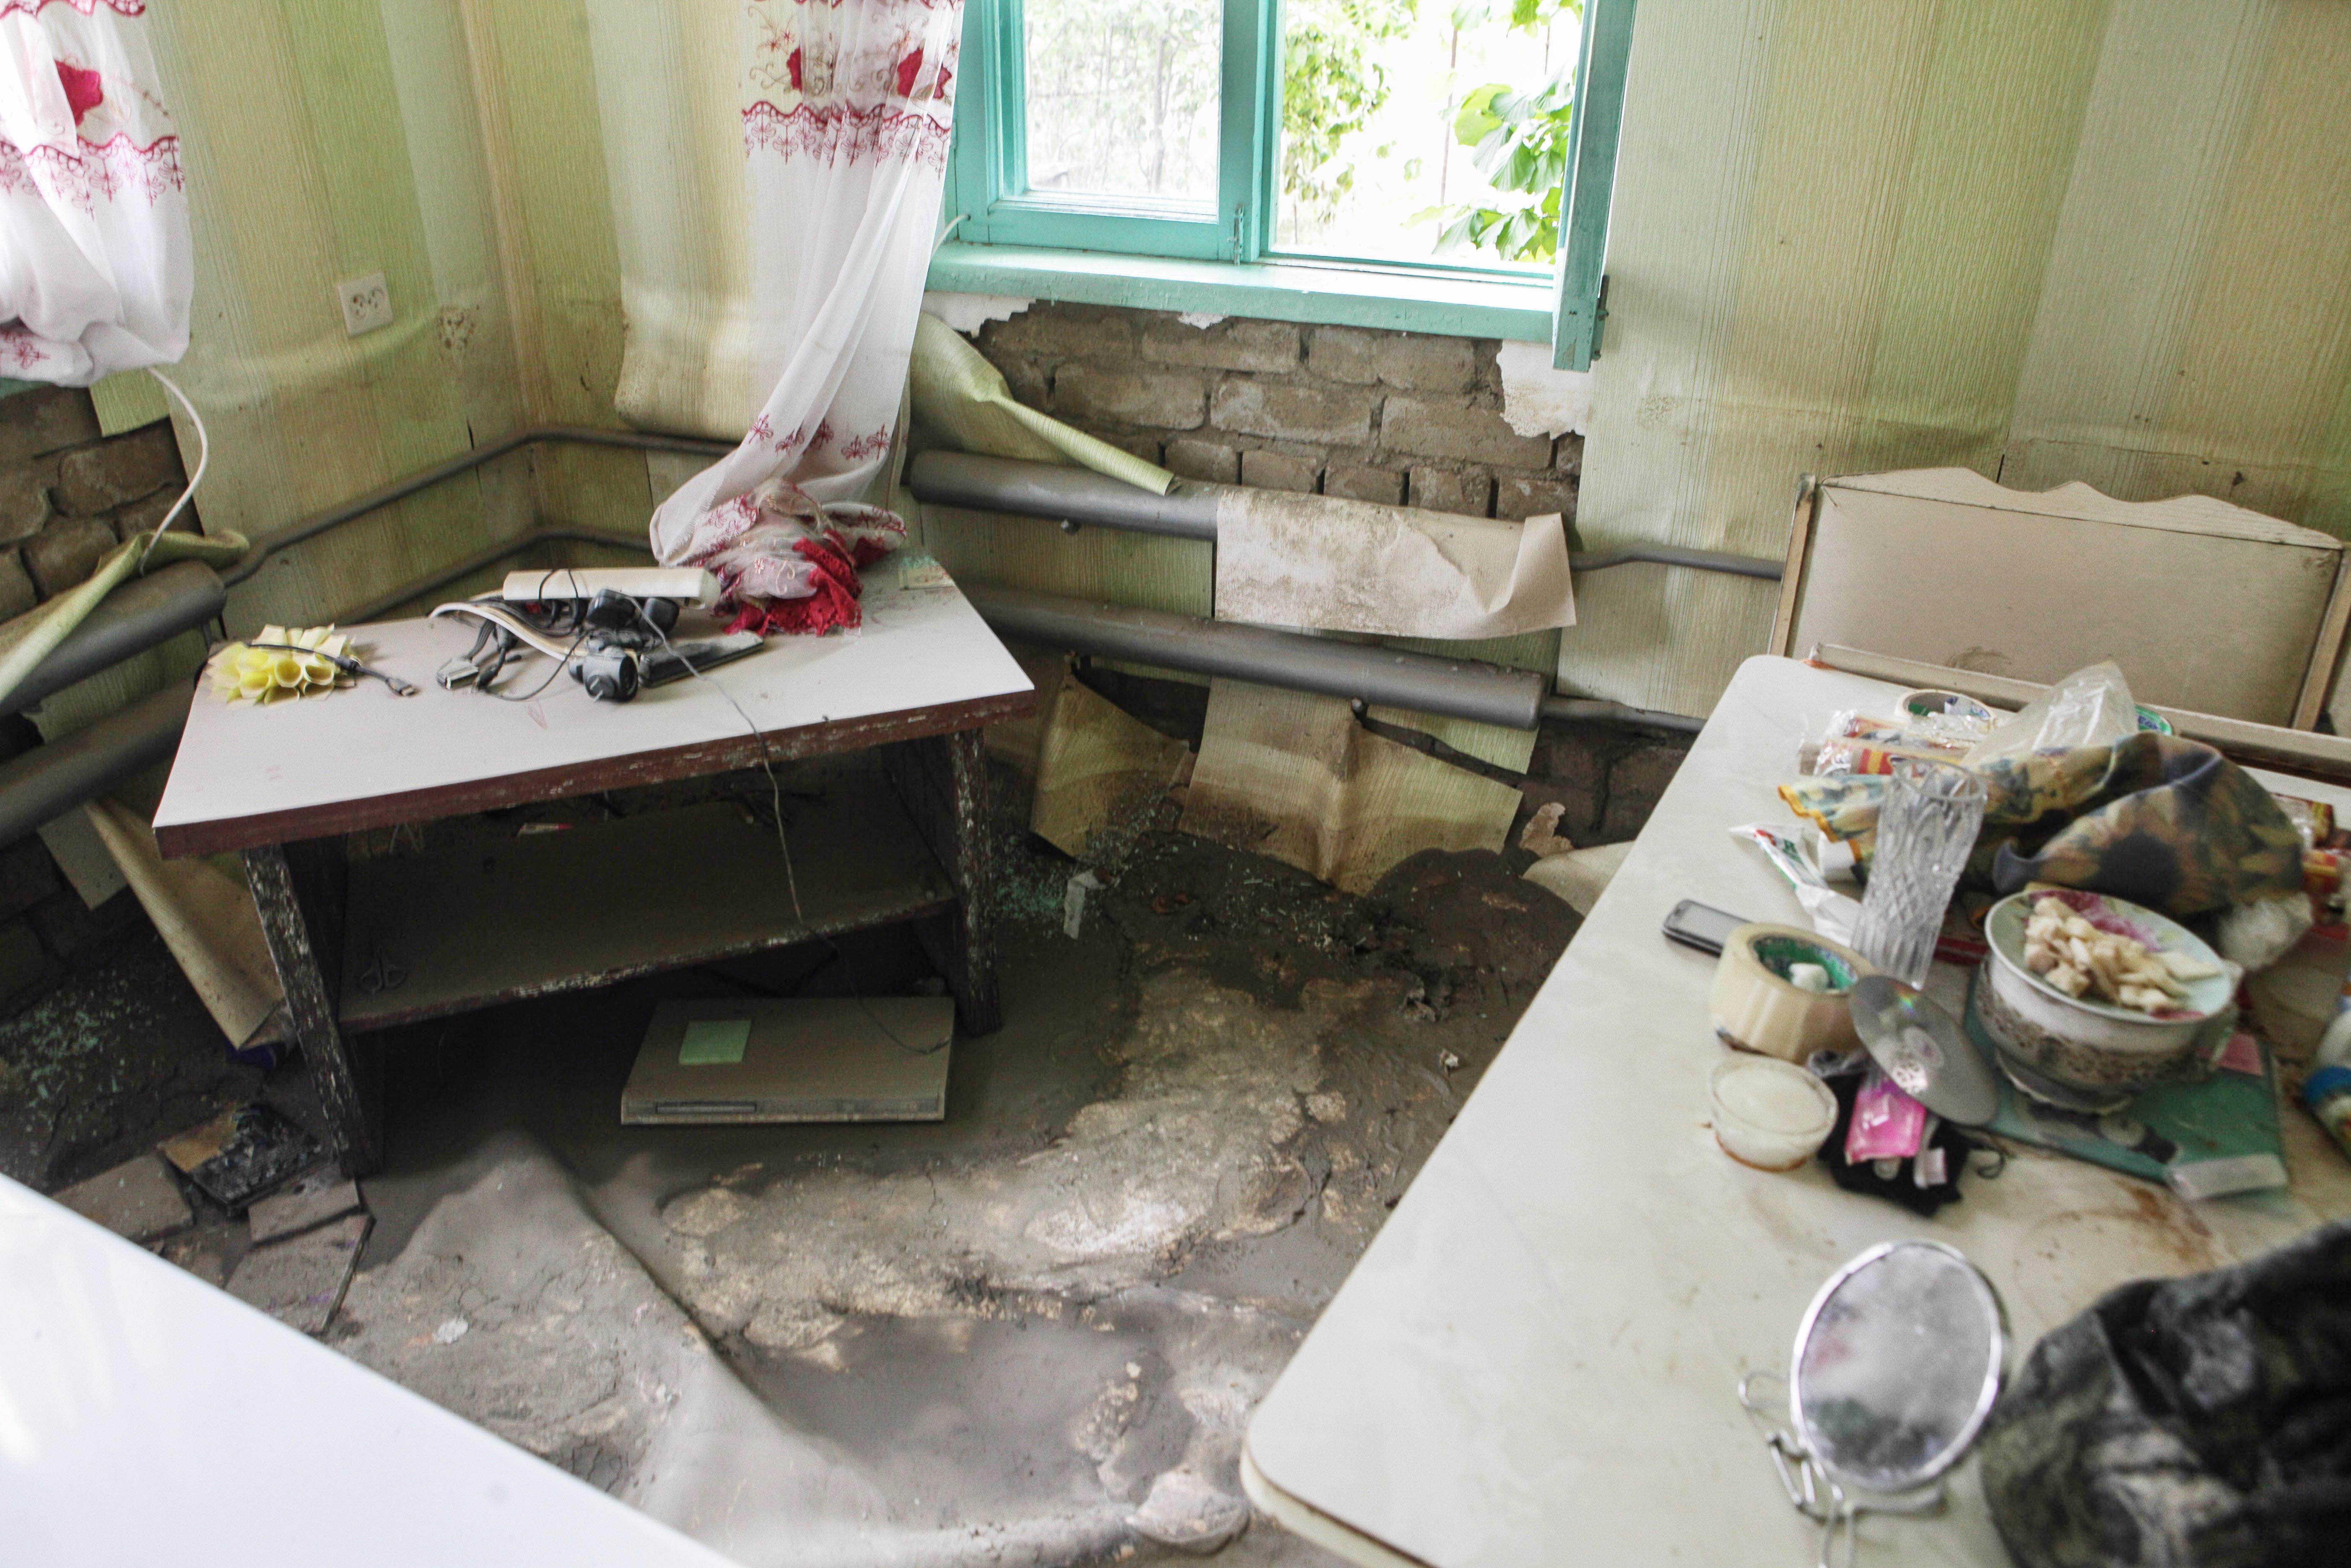 Медведев распорядился выдать жилищные сертификаты пострадавшим от паводка ставропольцам